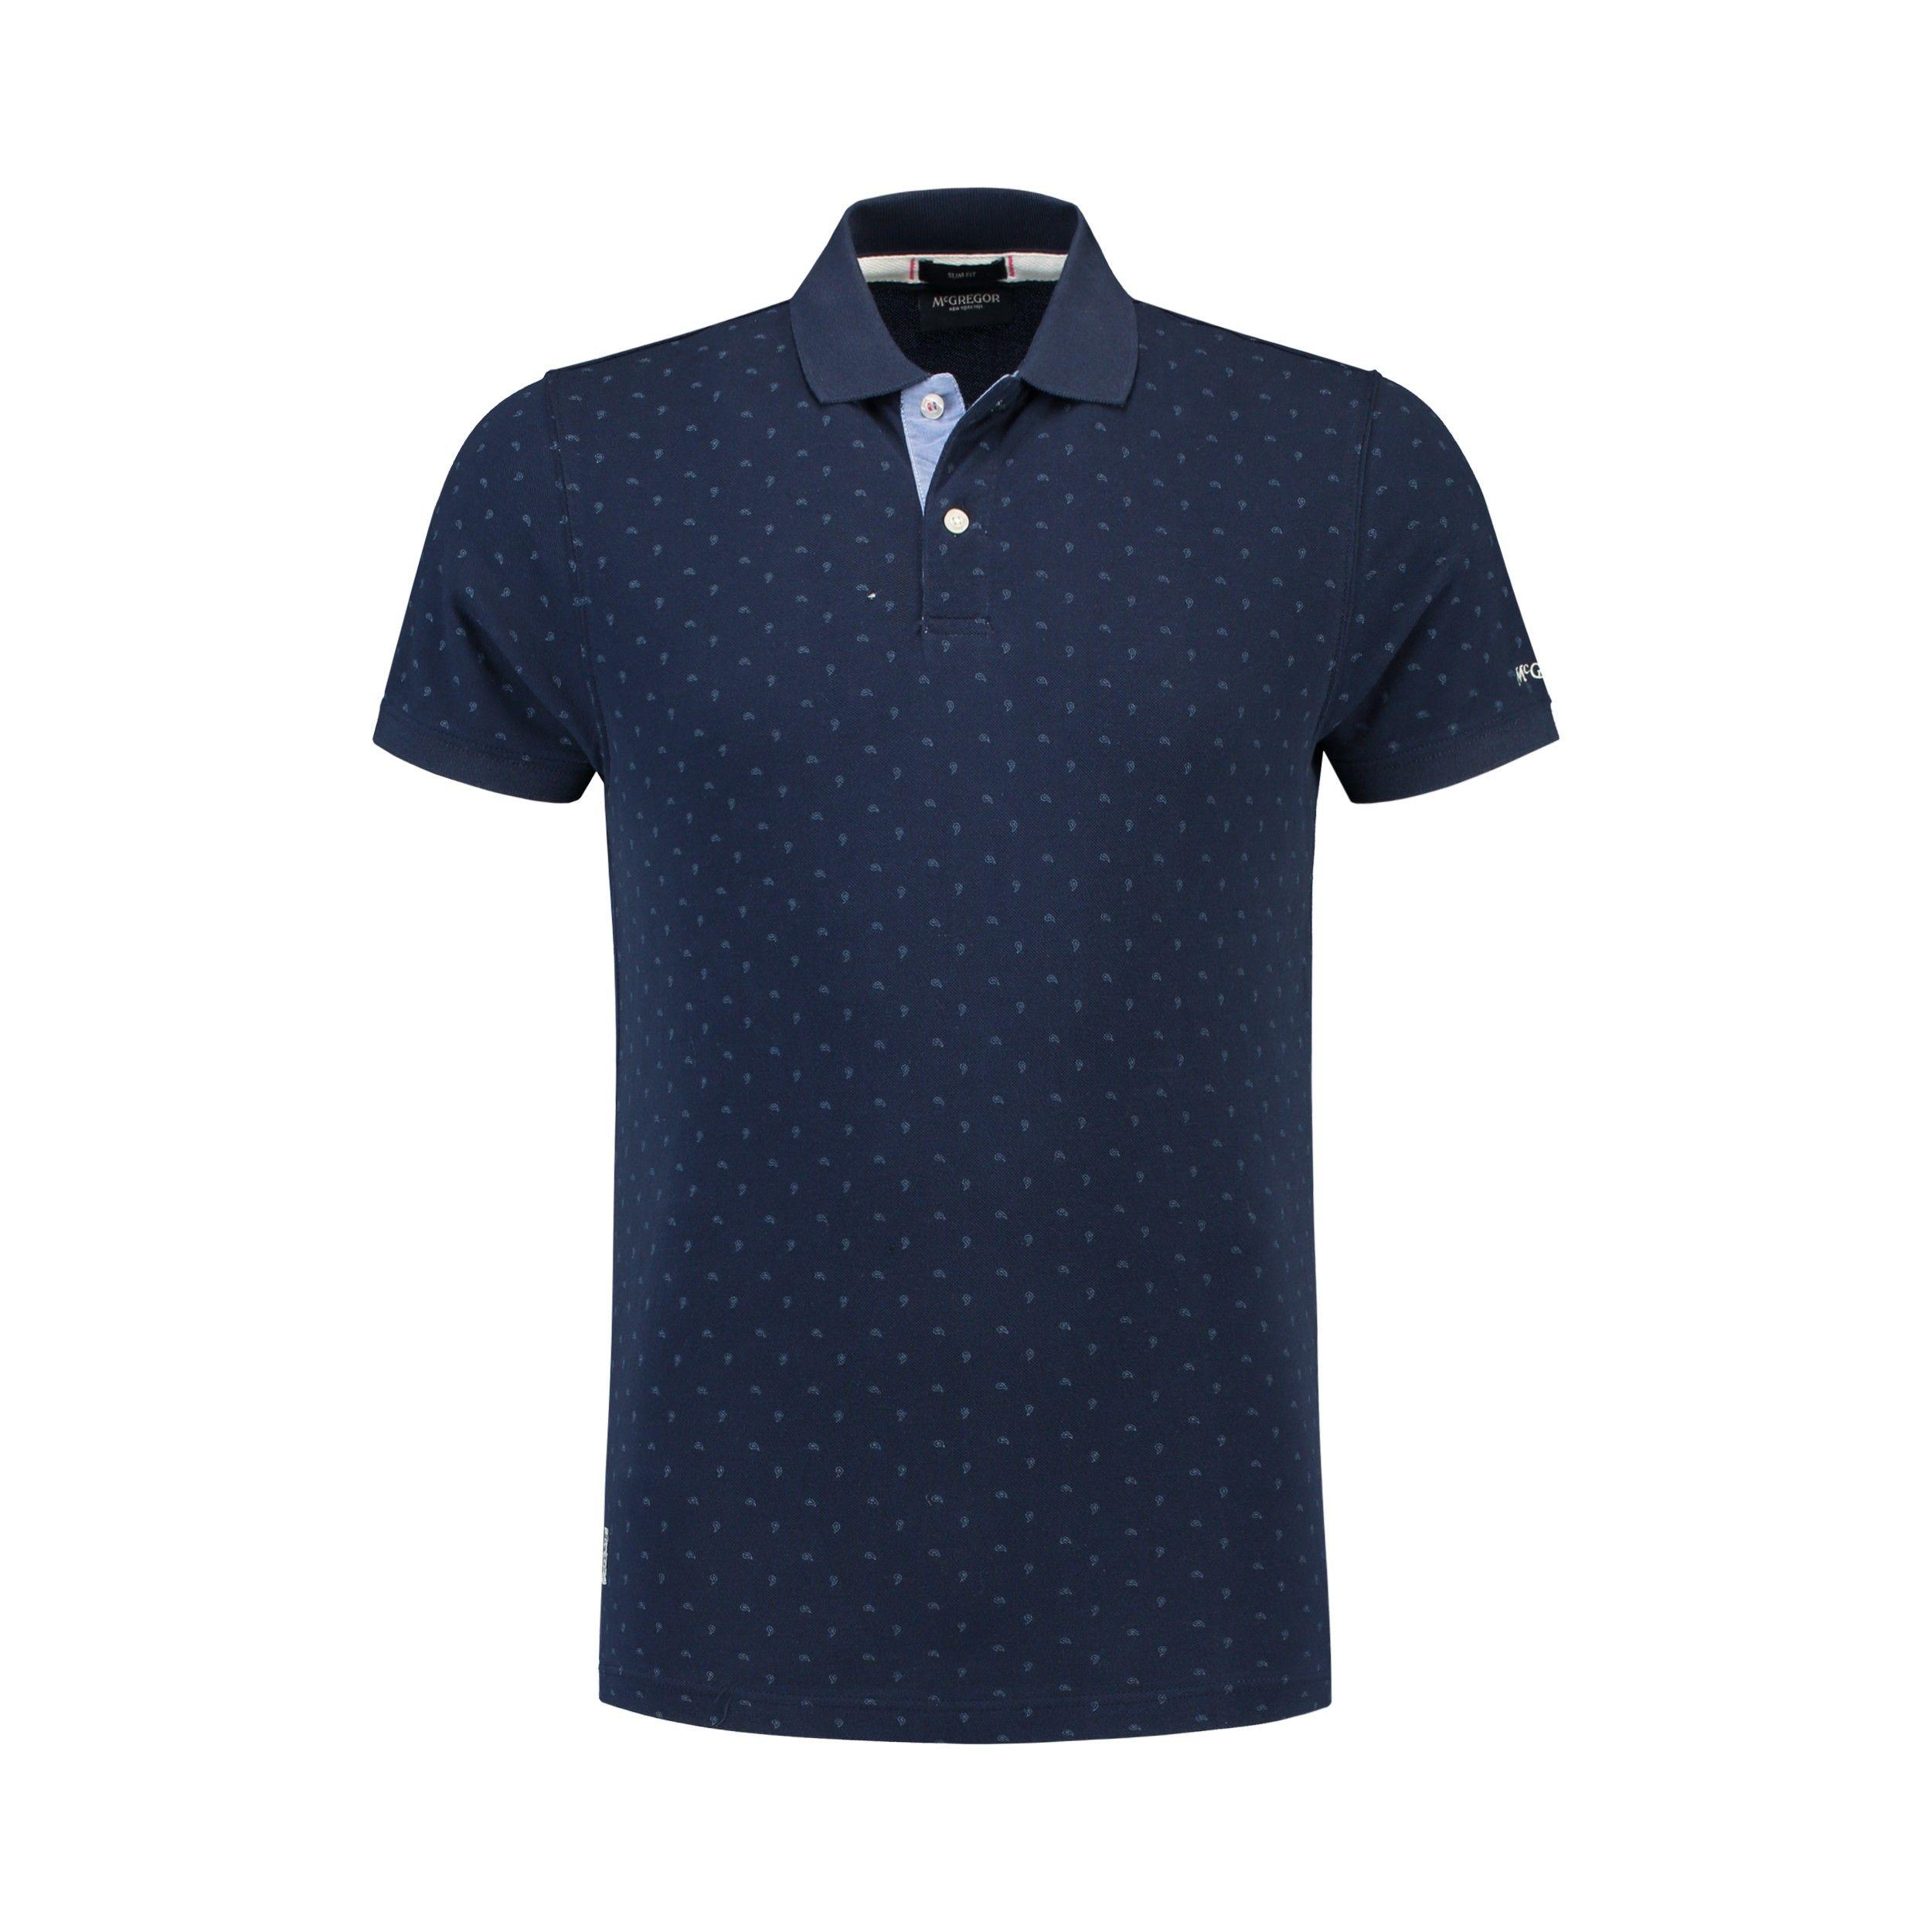 McGregor® Polo shirt Jack Hyatt Yale Blue  a5cc0c8723b1b